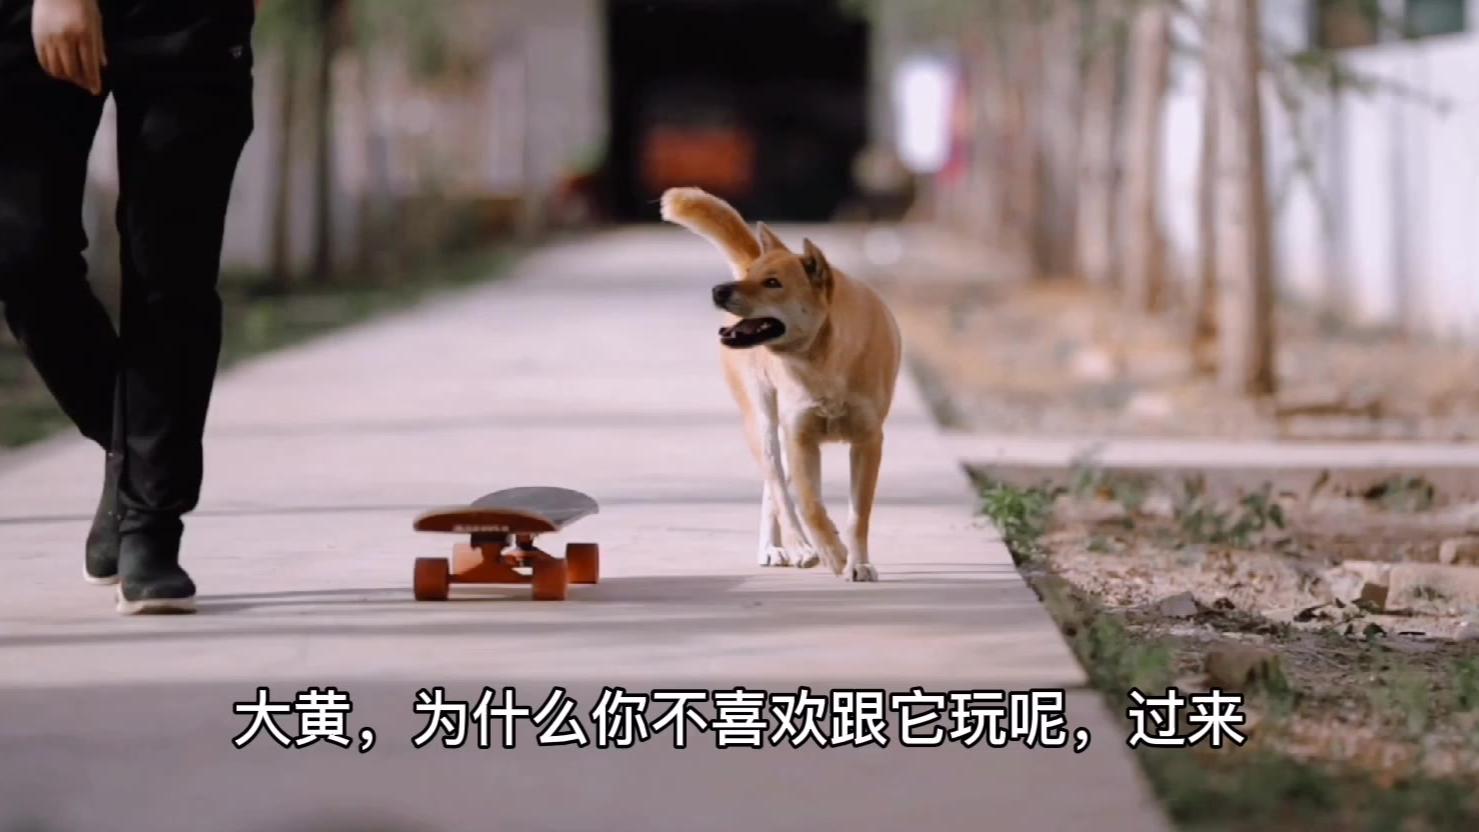 大黄听懂人话不断玩滑板,把老爷爷狗冷落了。